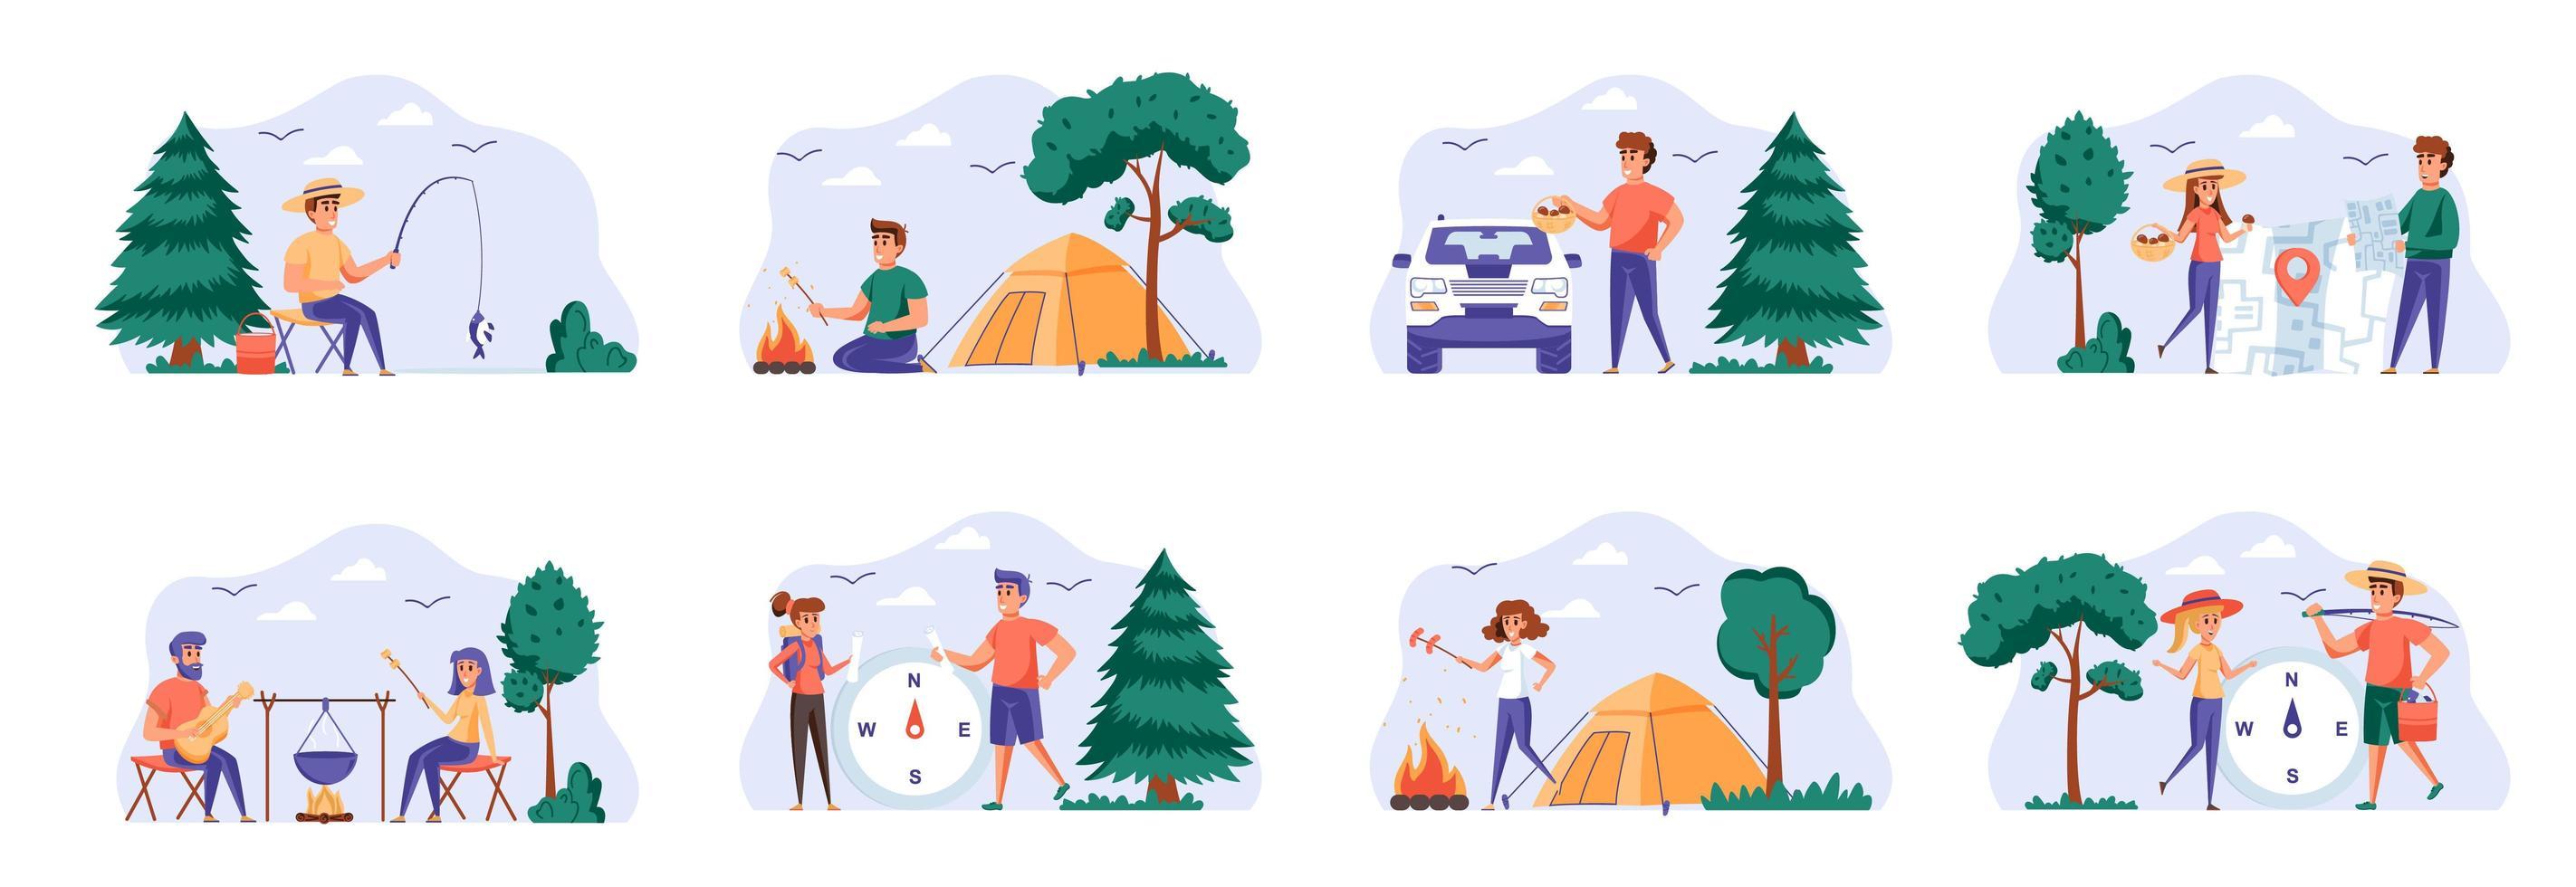 cenas de acampamento se agrupam com personagens de pessoas. vetor